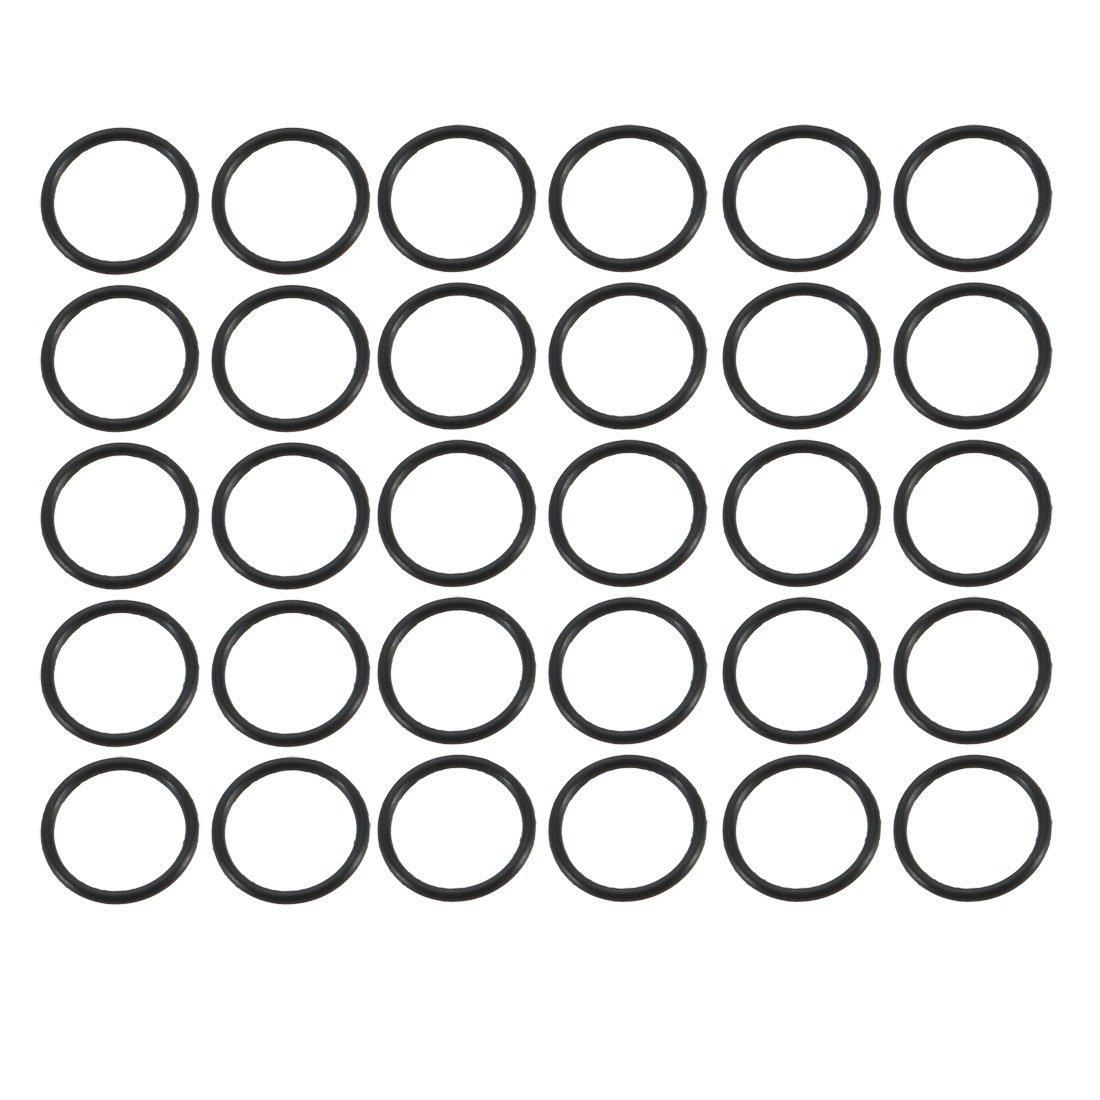 NBR Gummi Dichtungen Ringe Sortiment mit Durchmesser 1-9.5mm Gummiringe de sourcing map 30 St/ück Dichtungsringe Set O Ringe Sortiment